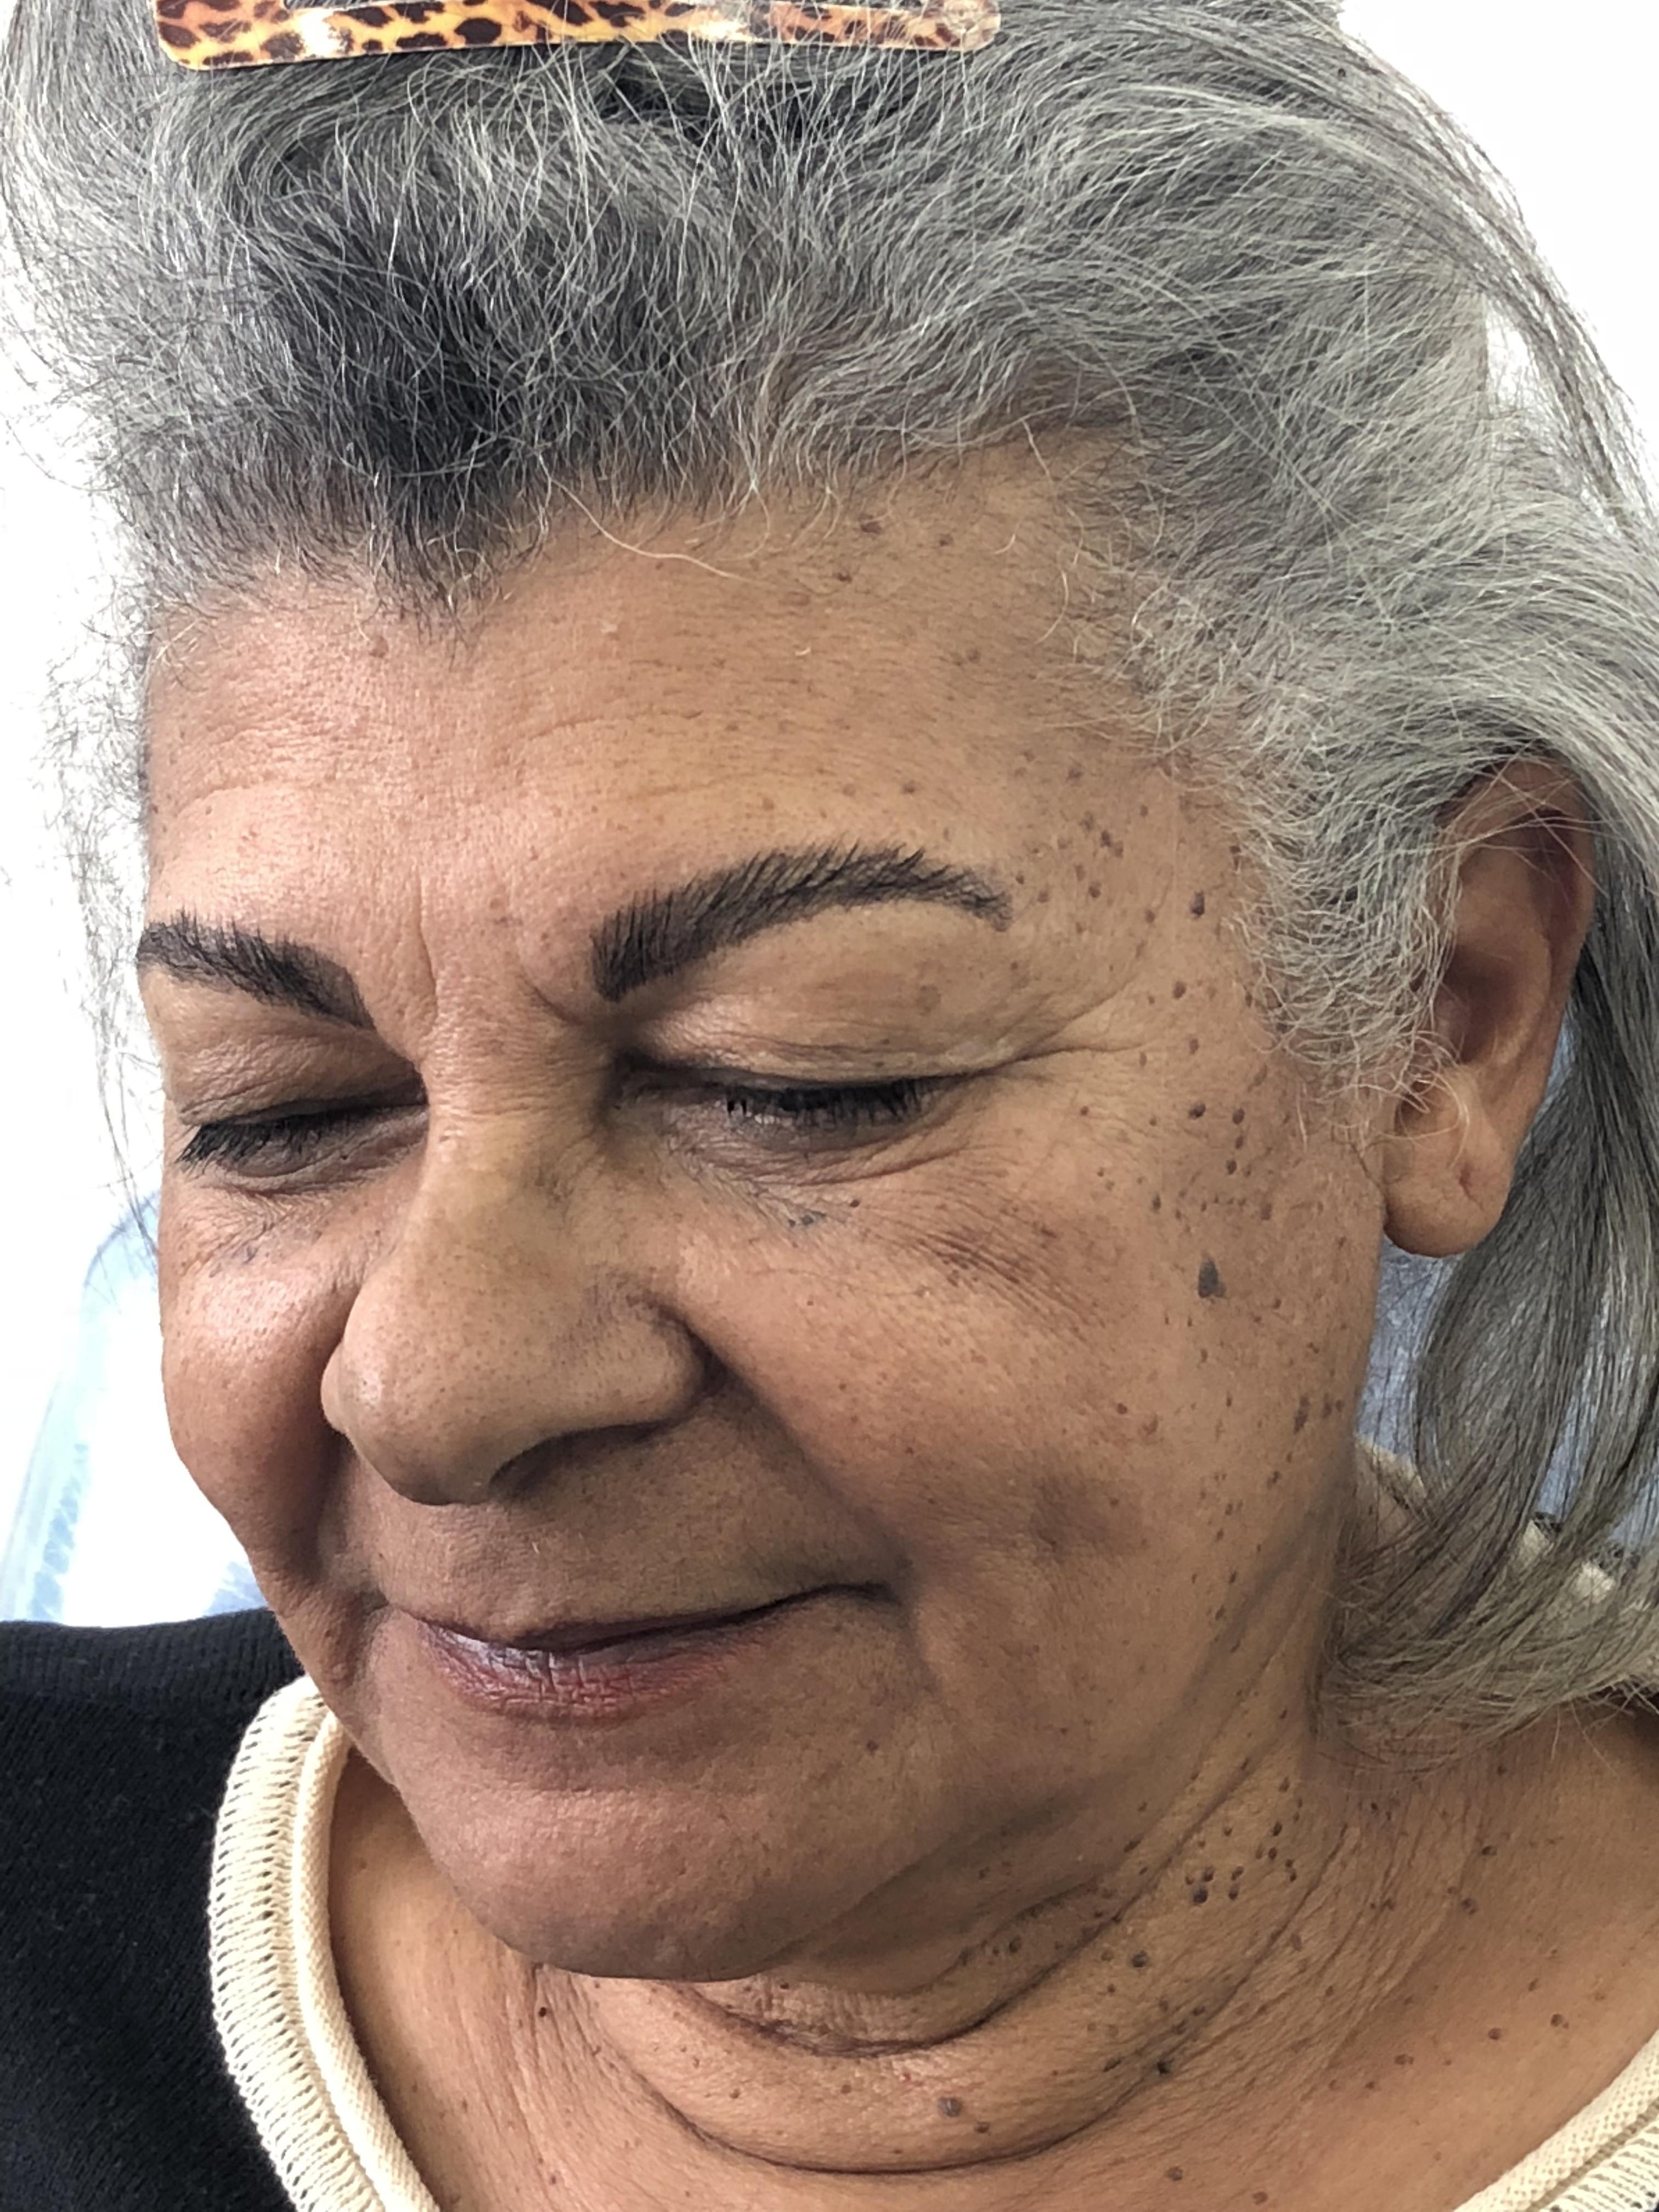 Procedimento:   Design de sobrancelha  Alisamento dos fios  Tintura  estética maquiador(a) designer de sobrancelhas outros micropigmentador(a)